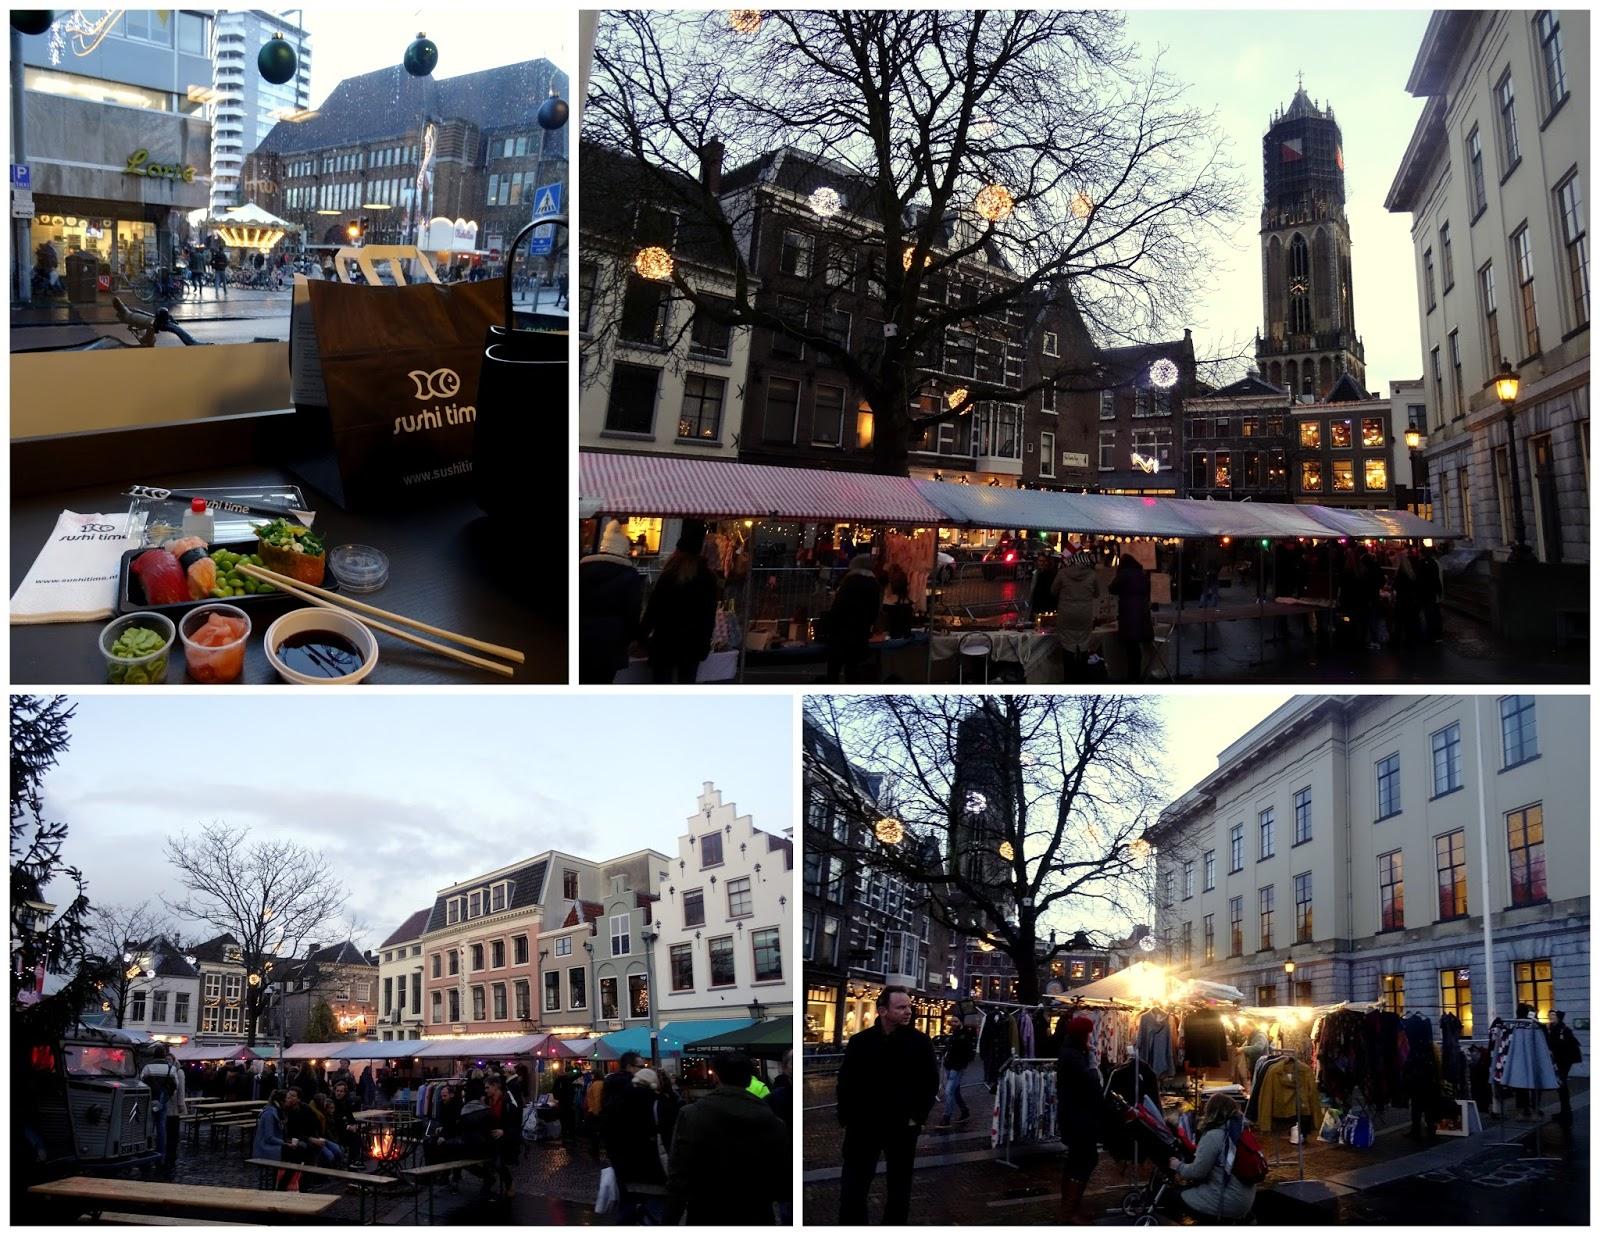 My Daily Life In The Netherlands 005 Travel And Lifestyle Diaries Just Blogging My Life Away Wij zijn gevestigd in hoofddorp, dordrecht en utrecht. travel and lifestyle diaries